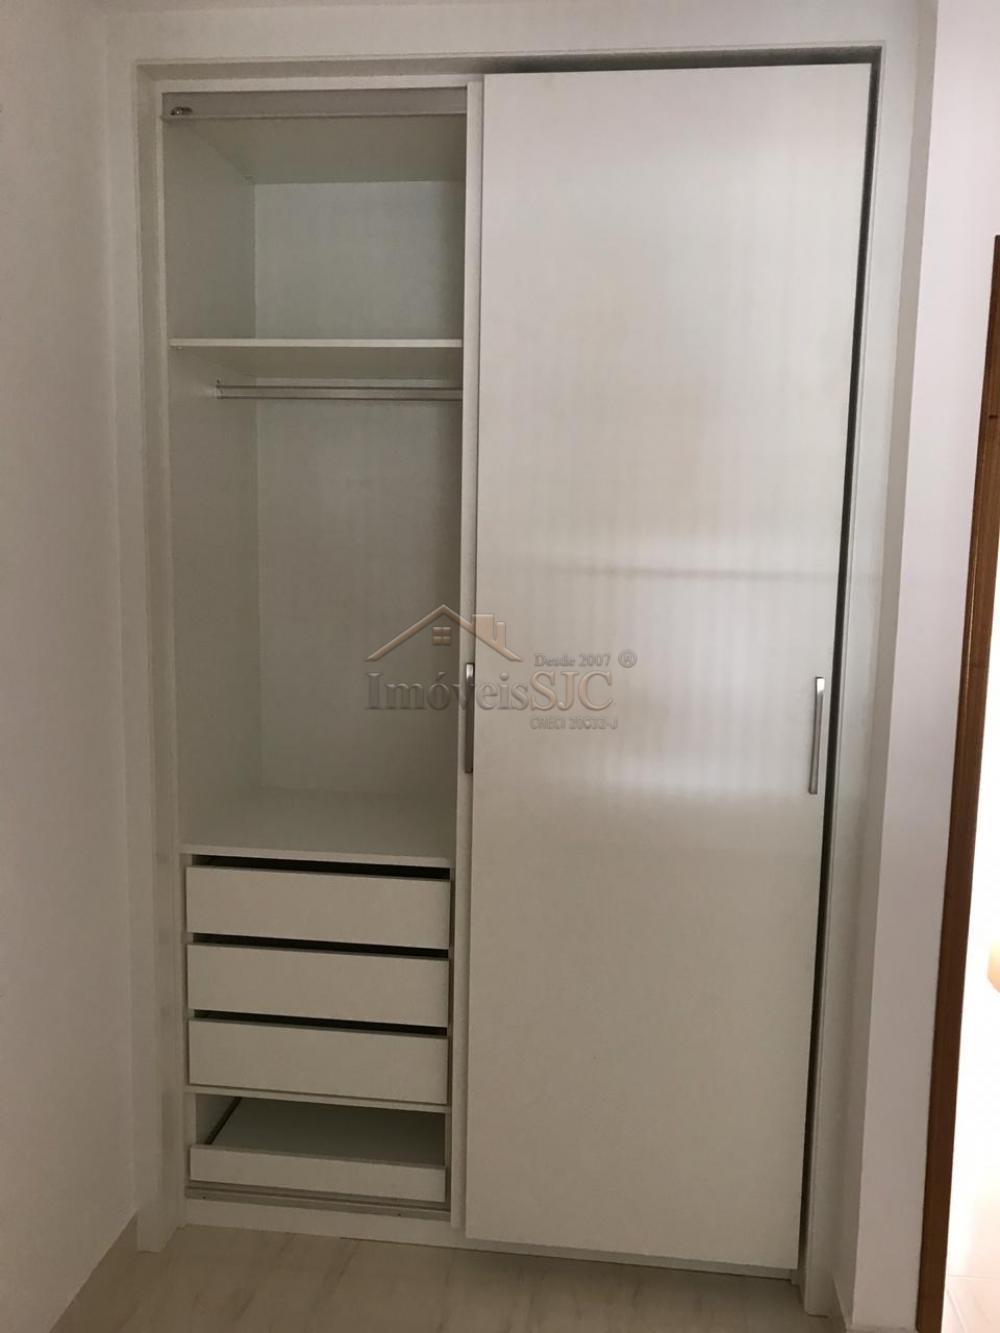 Comprar Casas / Padrão em São José dos Campos apenas R$ 290.000,00 - Foto 11